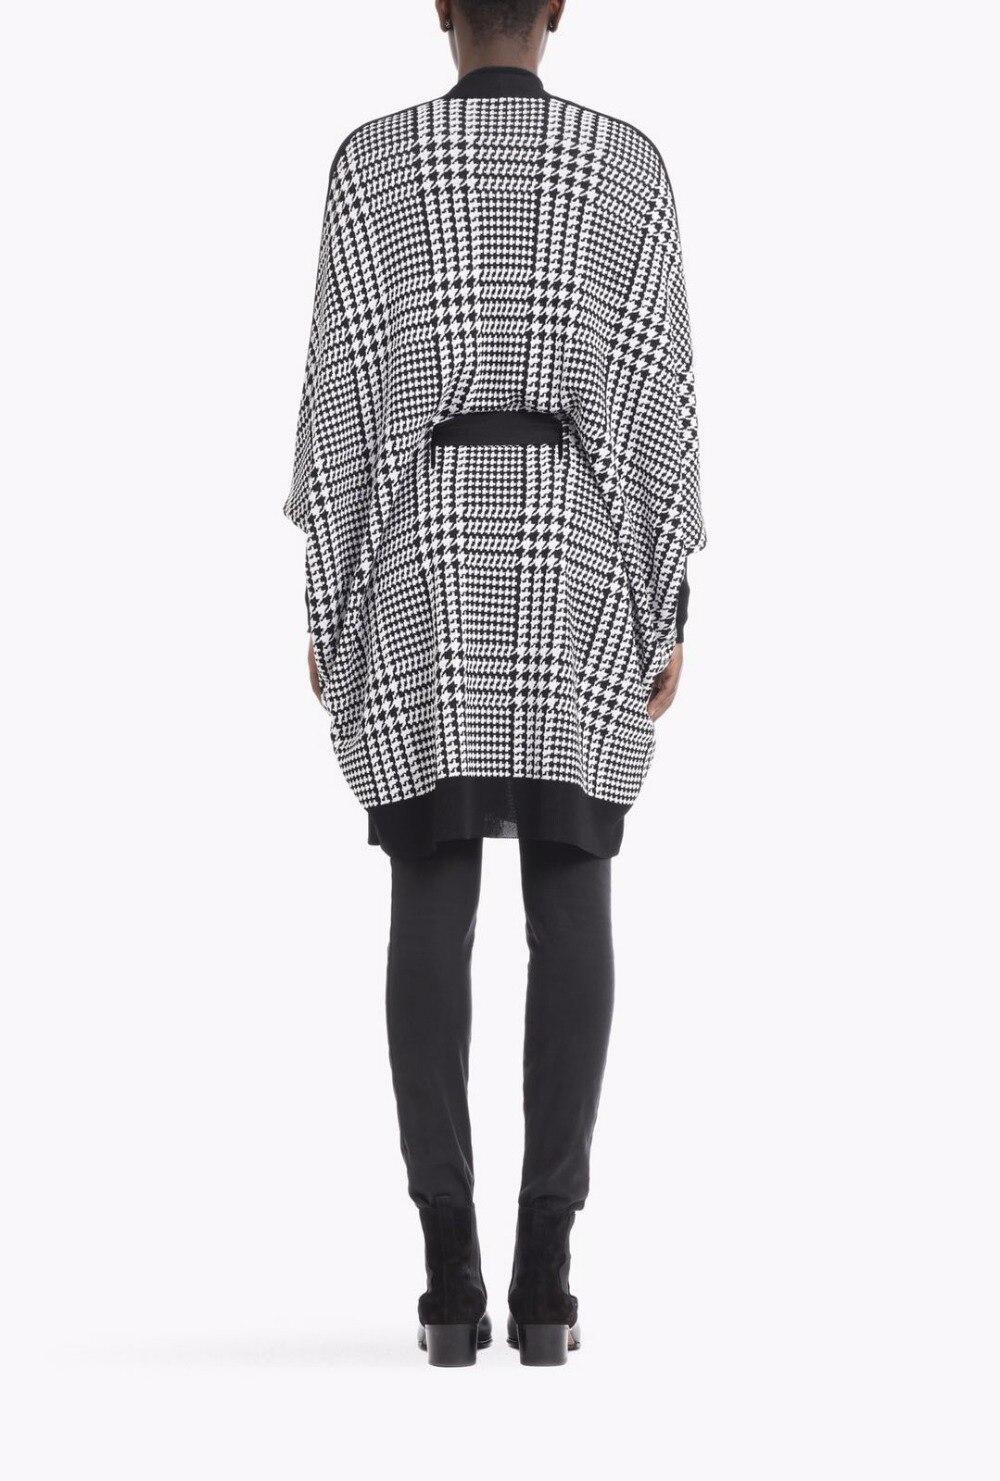 Éclat Col Mode Longues Beauté Profond De Robe 2018 Bandage Jacquard Manches Mini Taille Photo As V Nouveau Tied r0UrBq